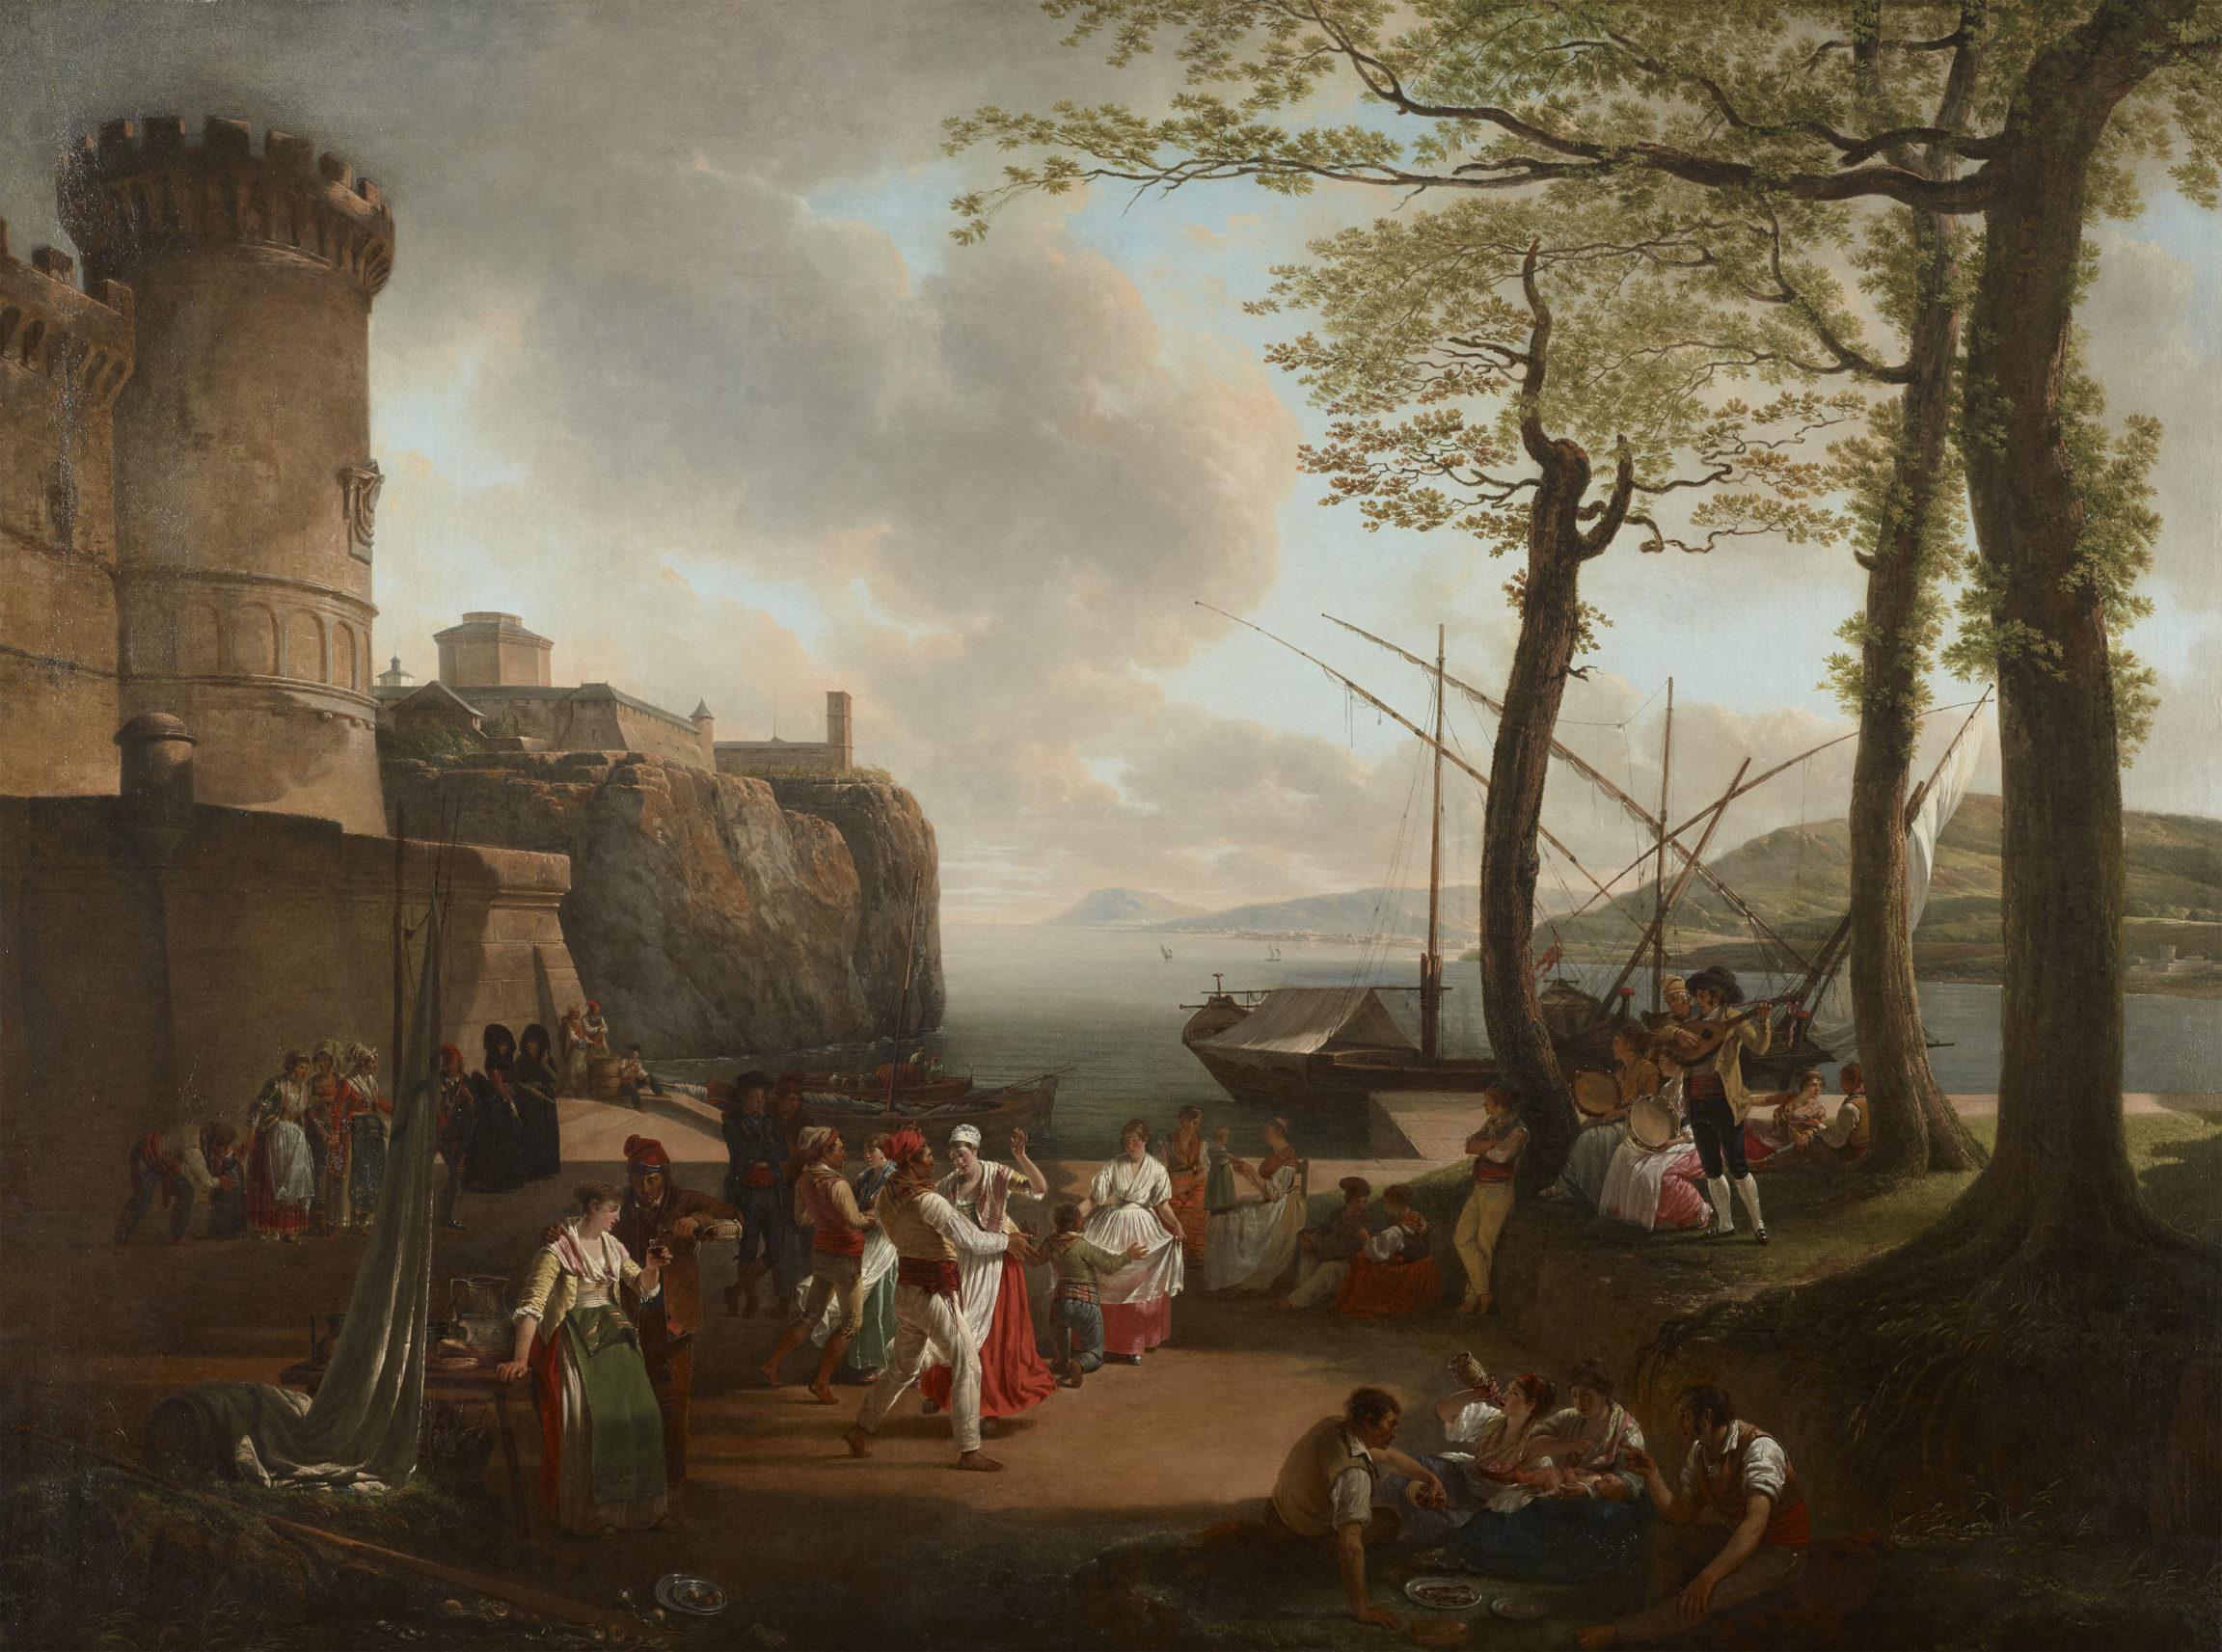 Jacques Sablet, La tarentelle (Tarentella), 1799